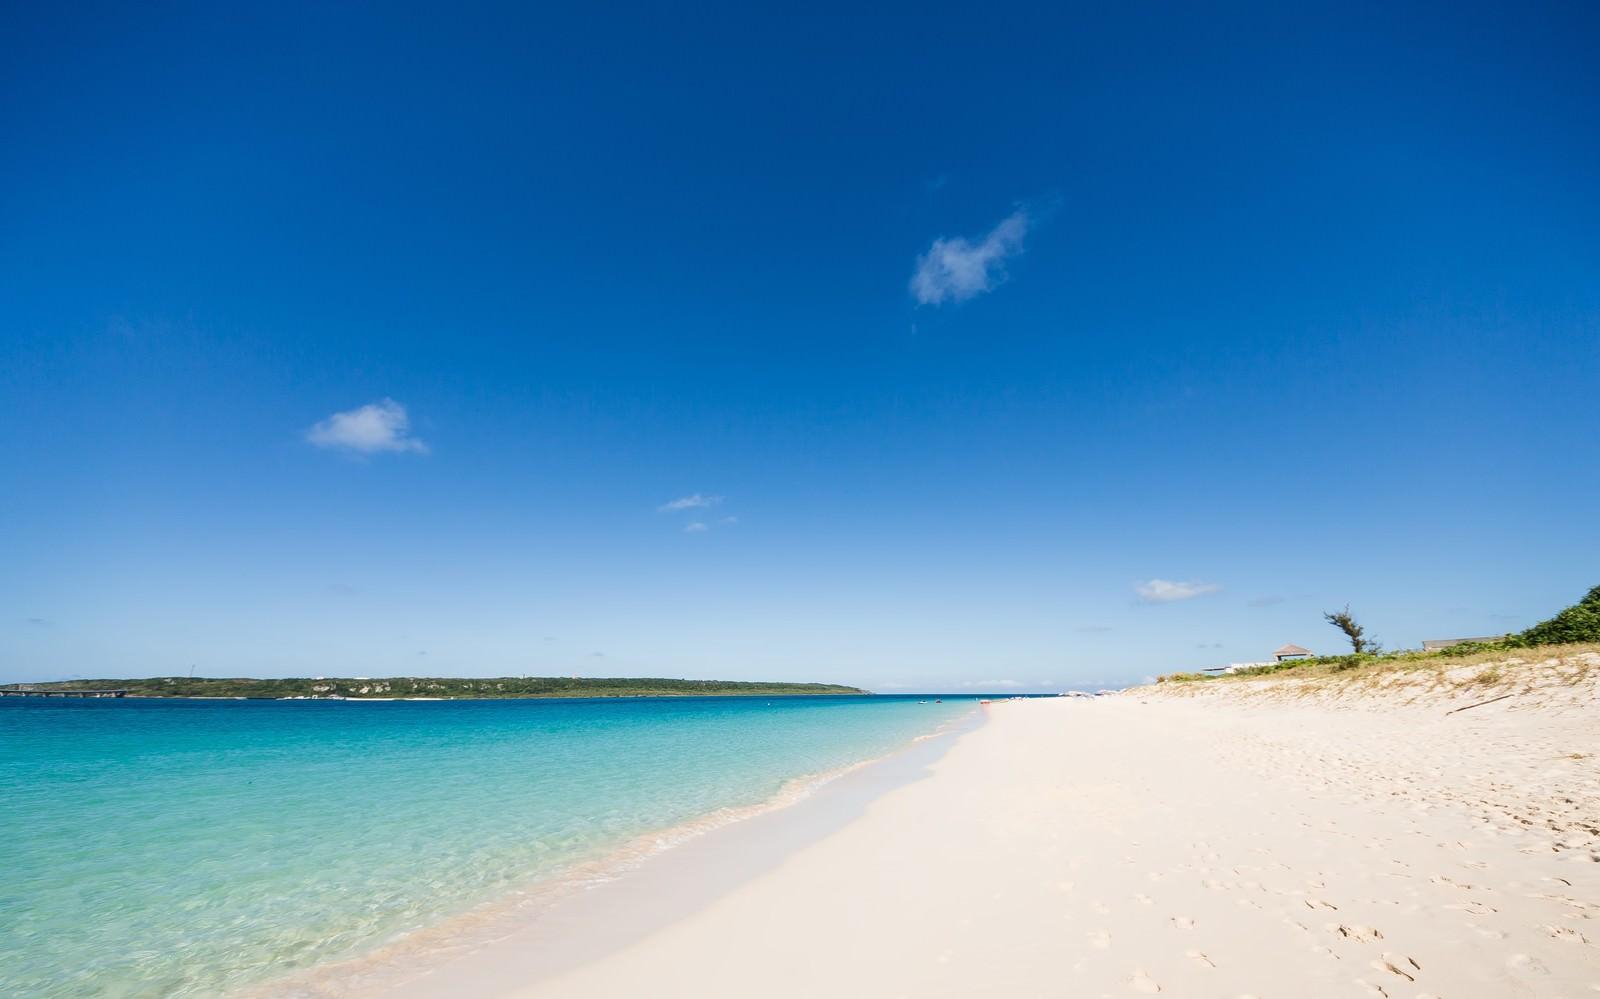 「白い砂浜とエメラルドグリーンの海」の写真